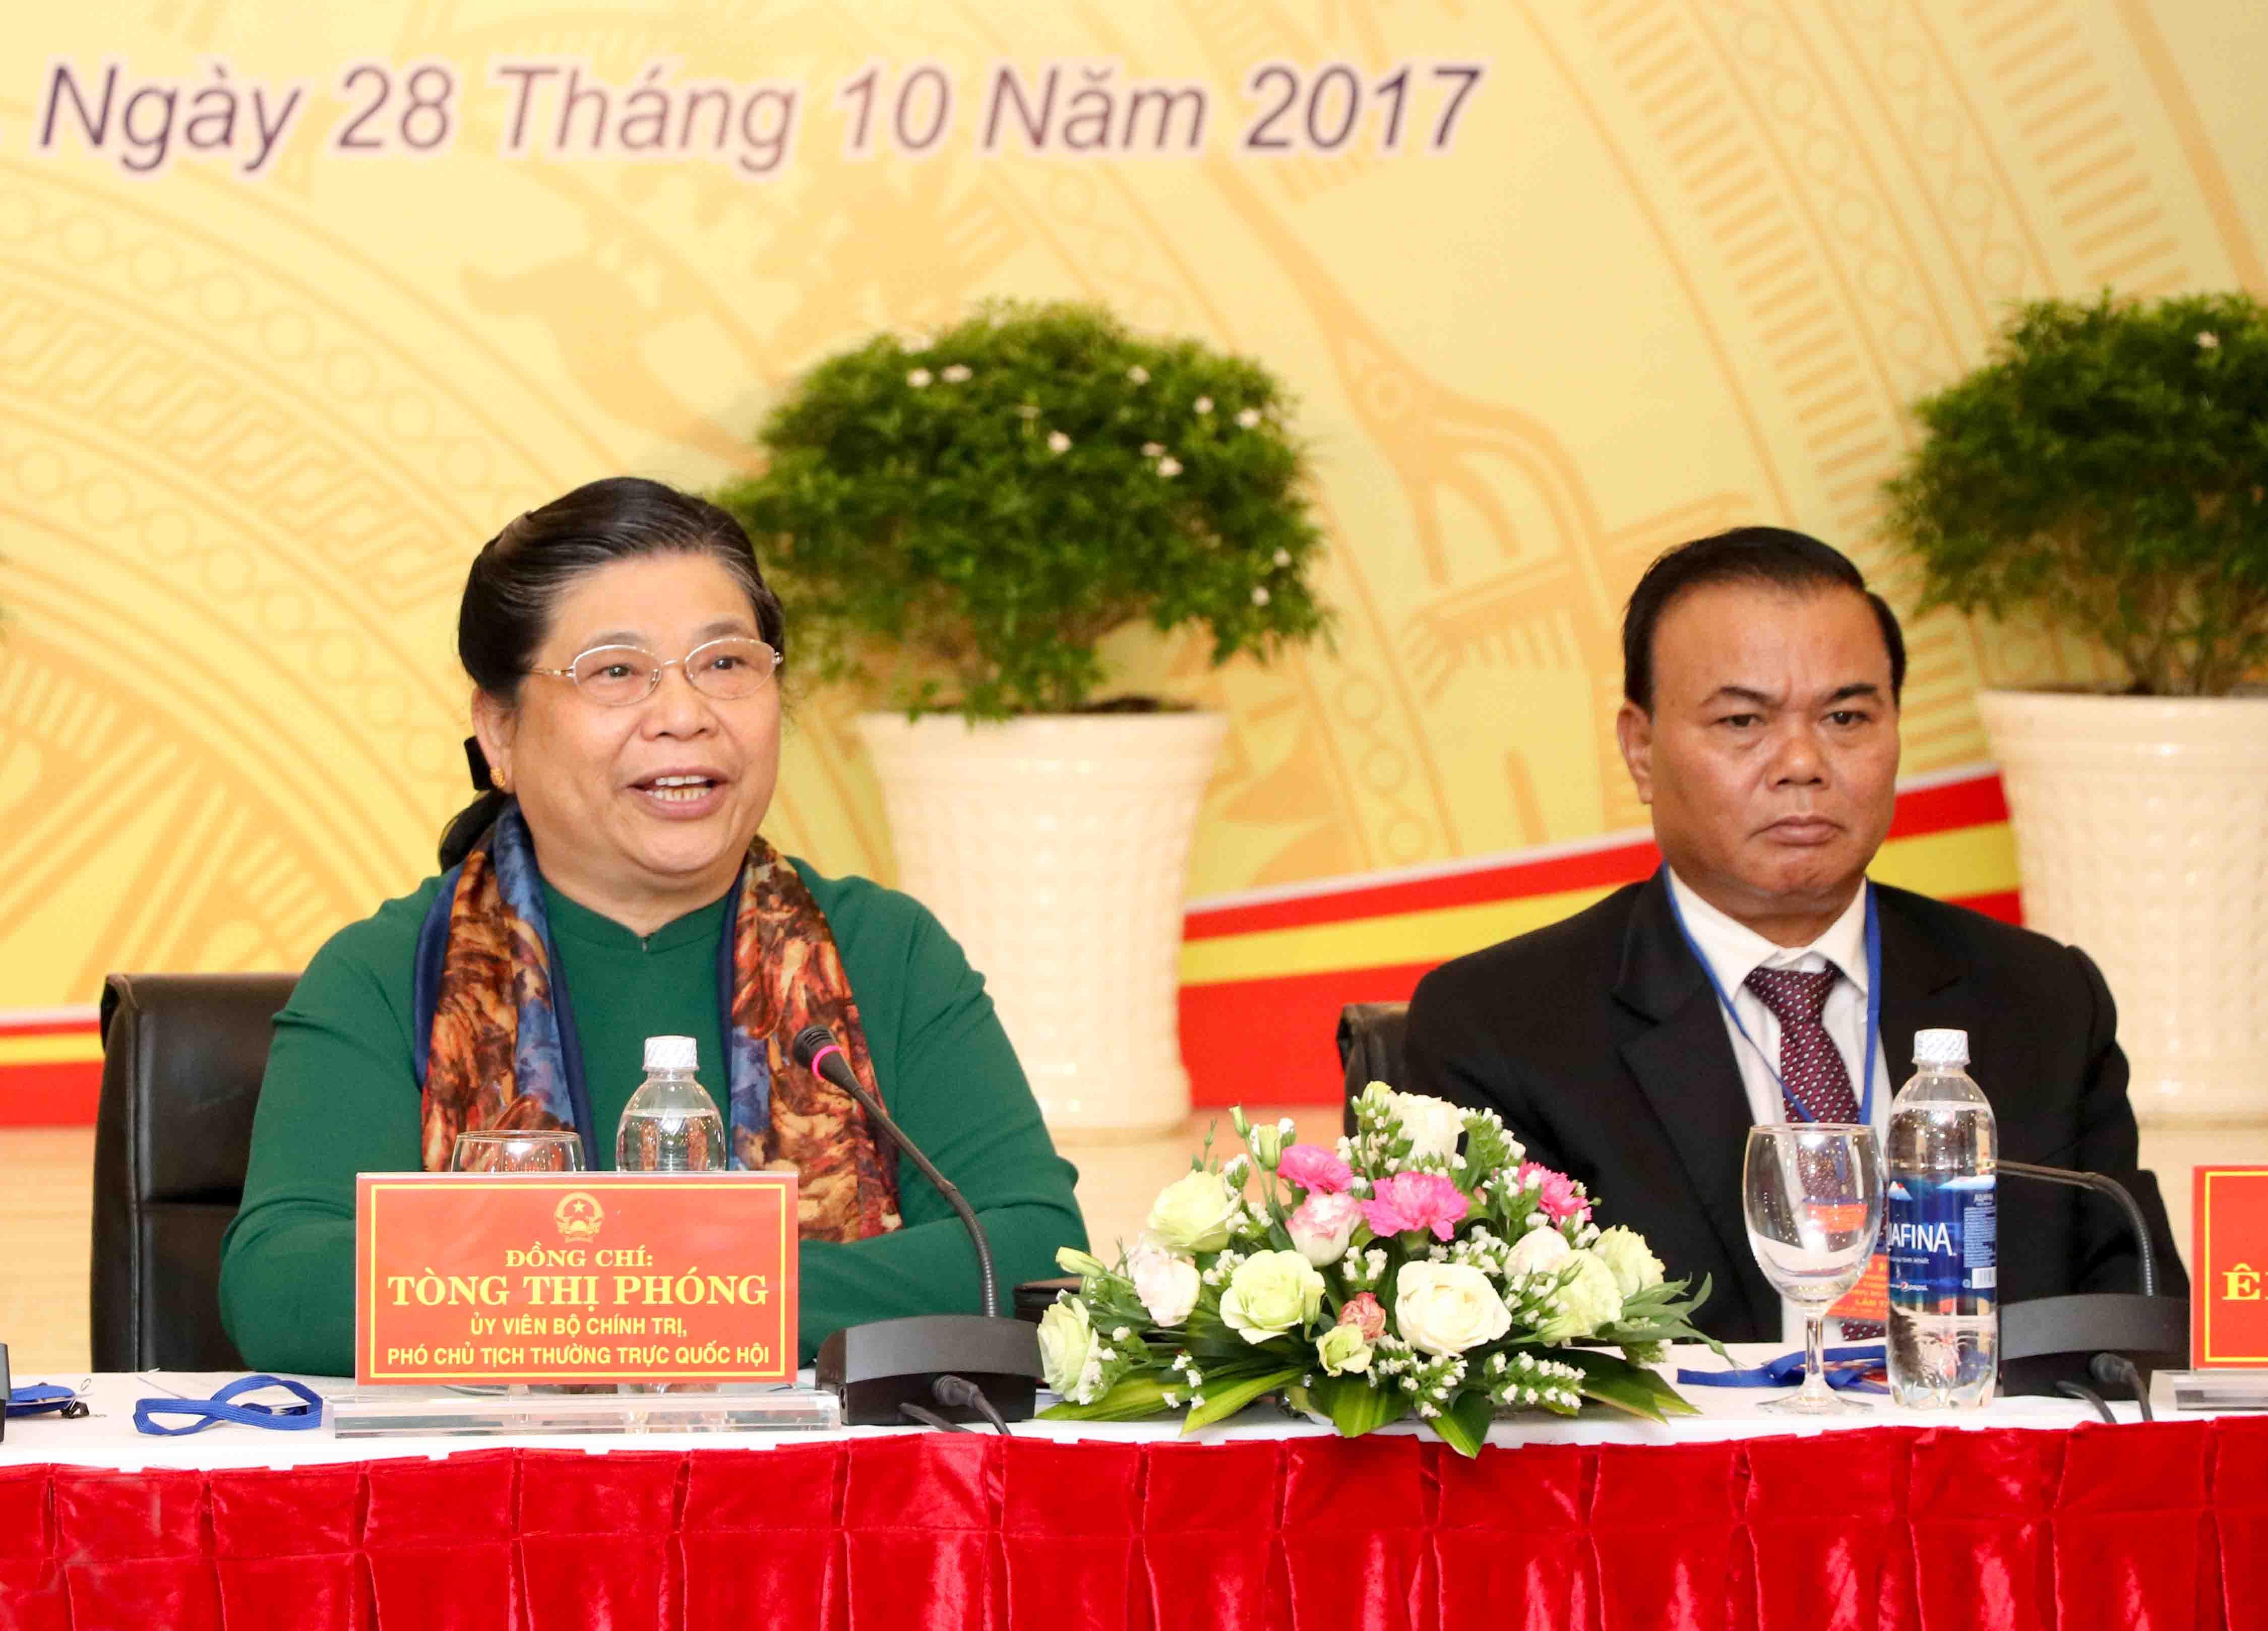 Hội nghị Thường trực HĐND các tỉnh, thành phố khu vực Nam Trung bộ và Tây Nguyên lần thứ 29